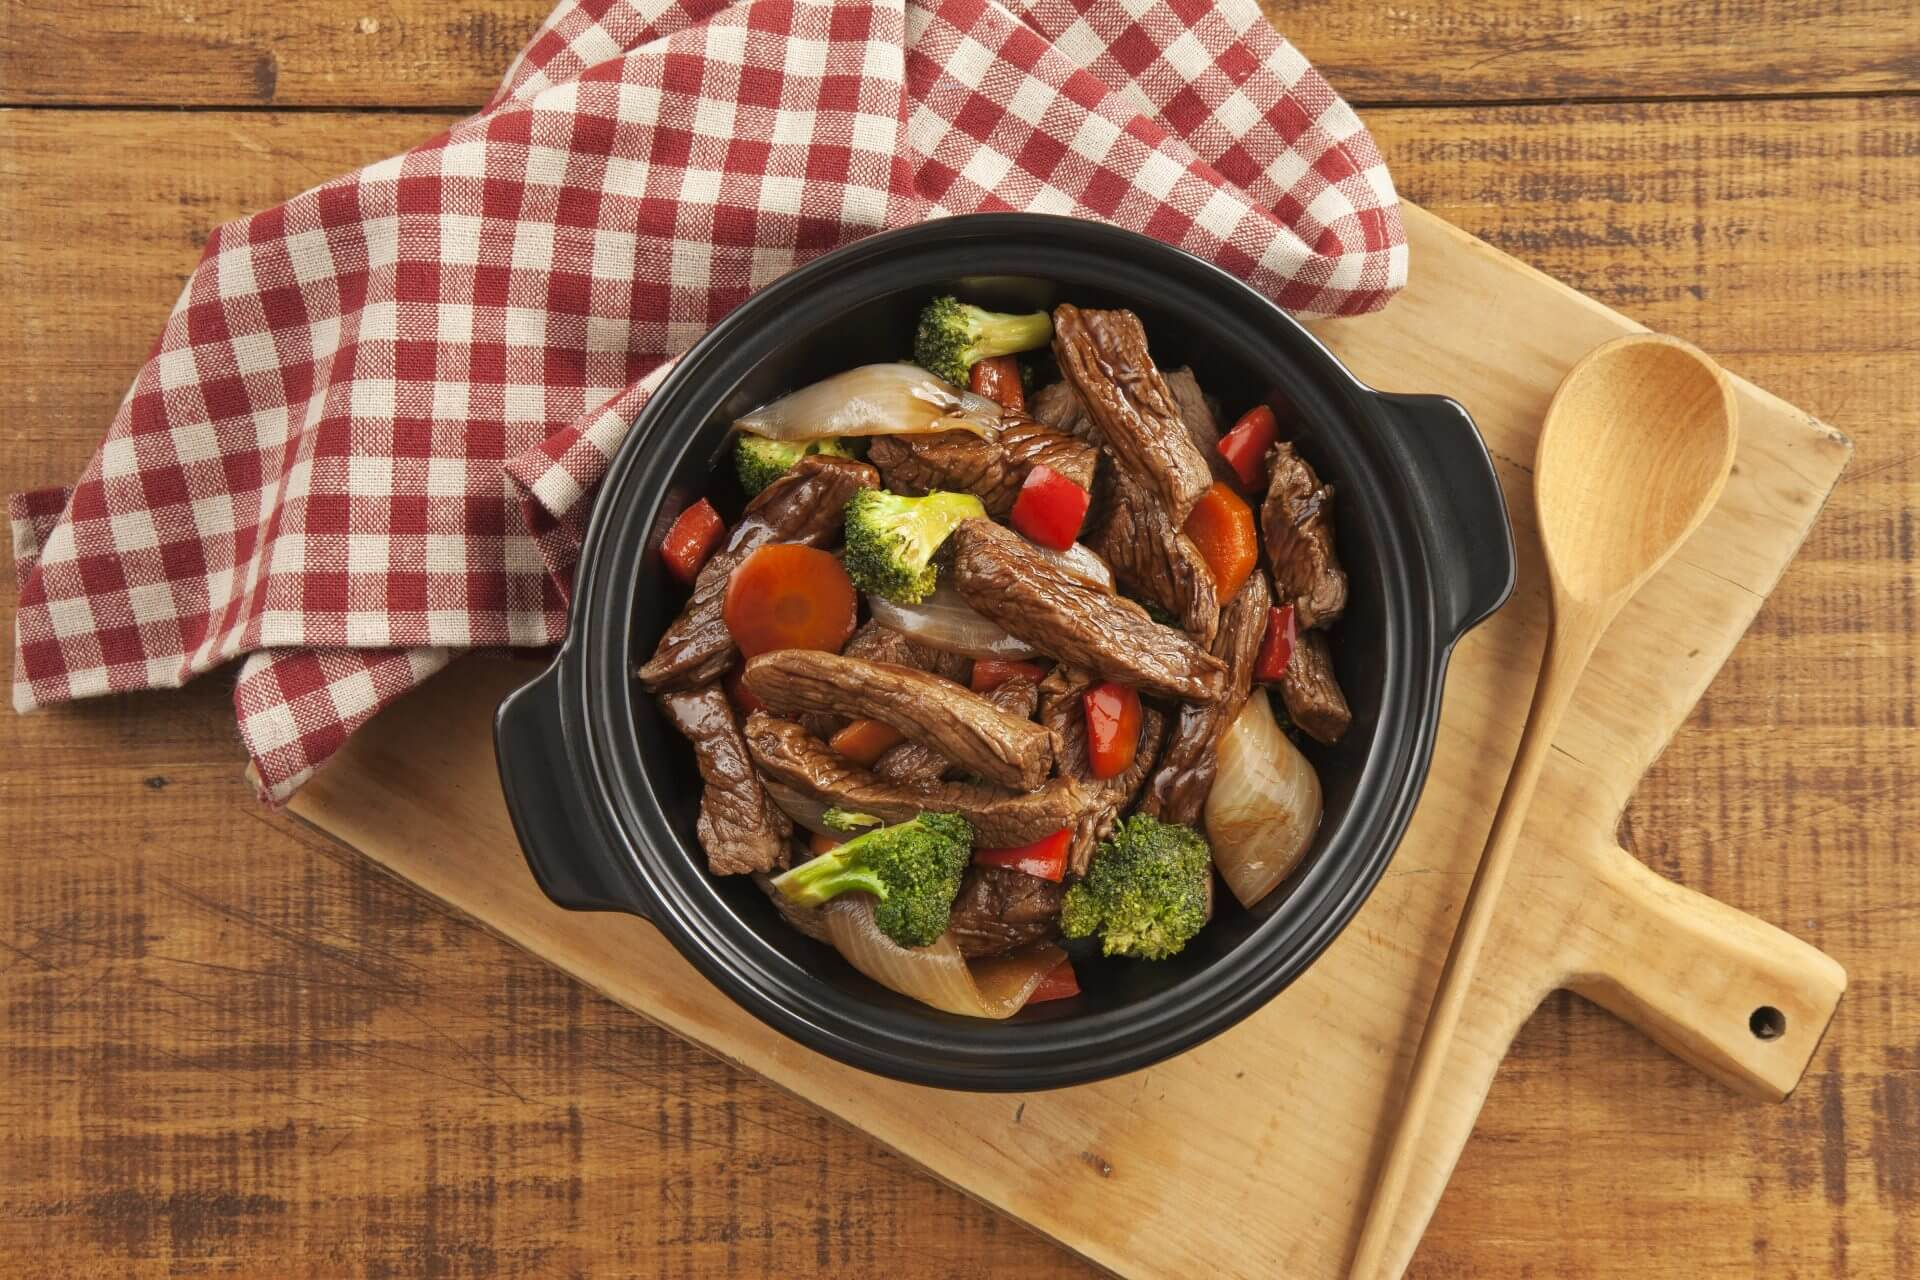 우마미를 곁들인 쇠고기와 야채 볶음